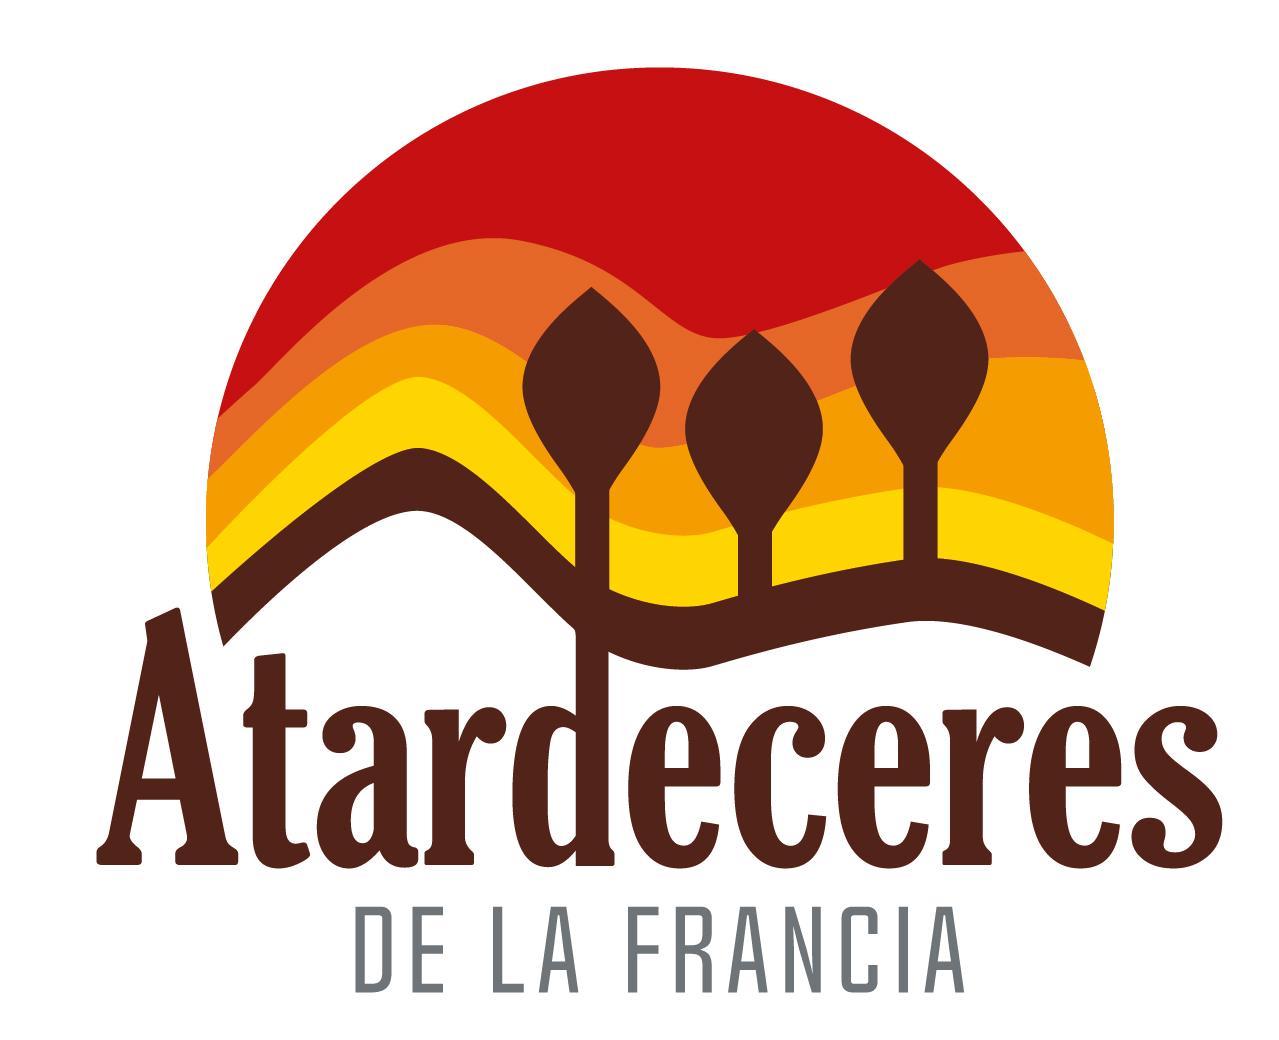 http://galias.com.co/index.php/atardeceres-de-la-francia